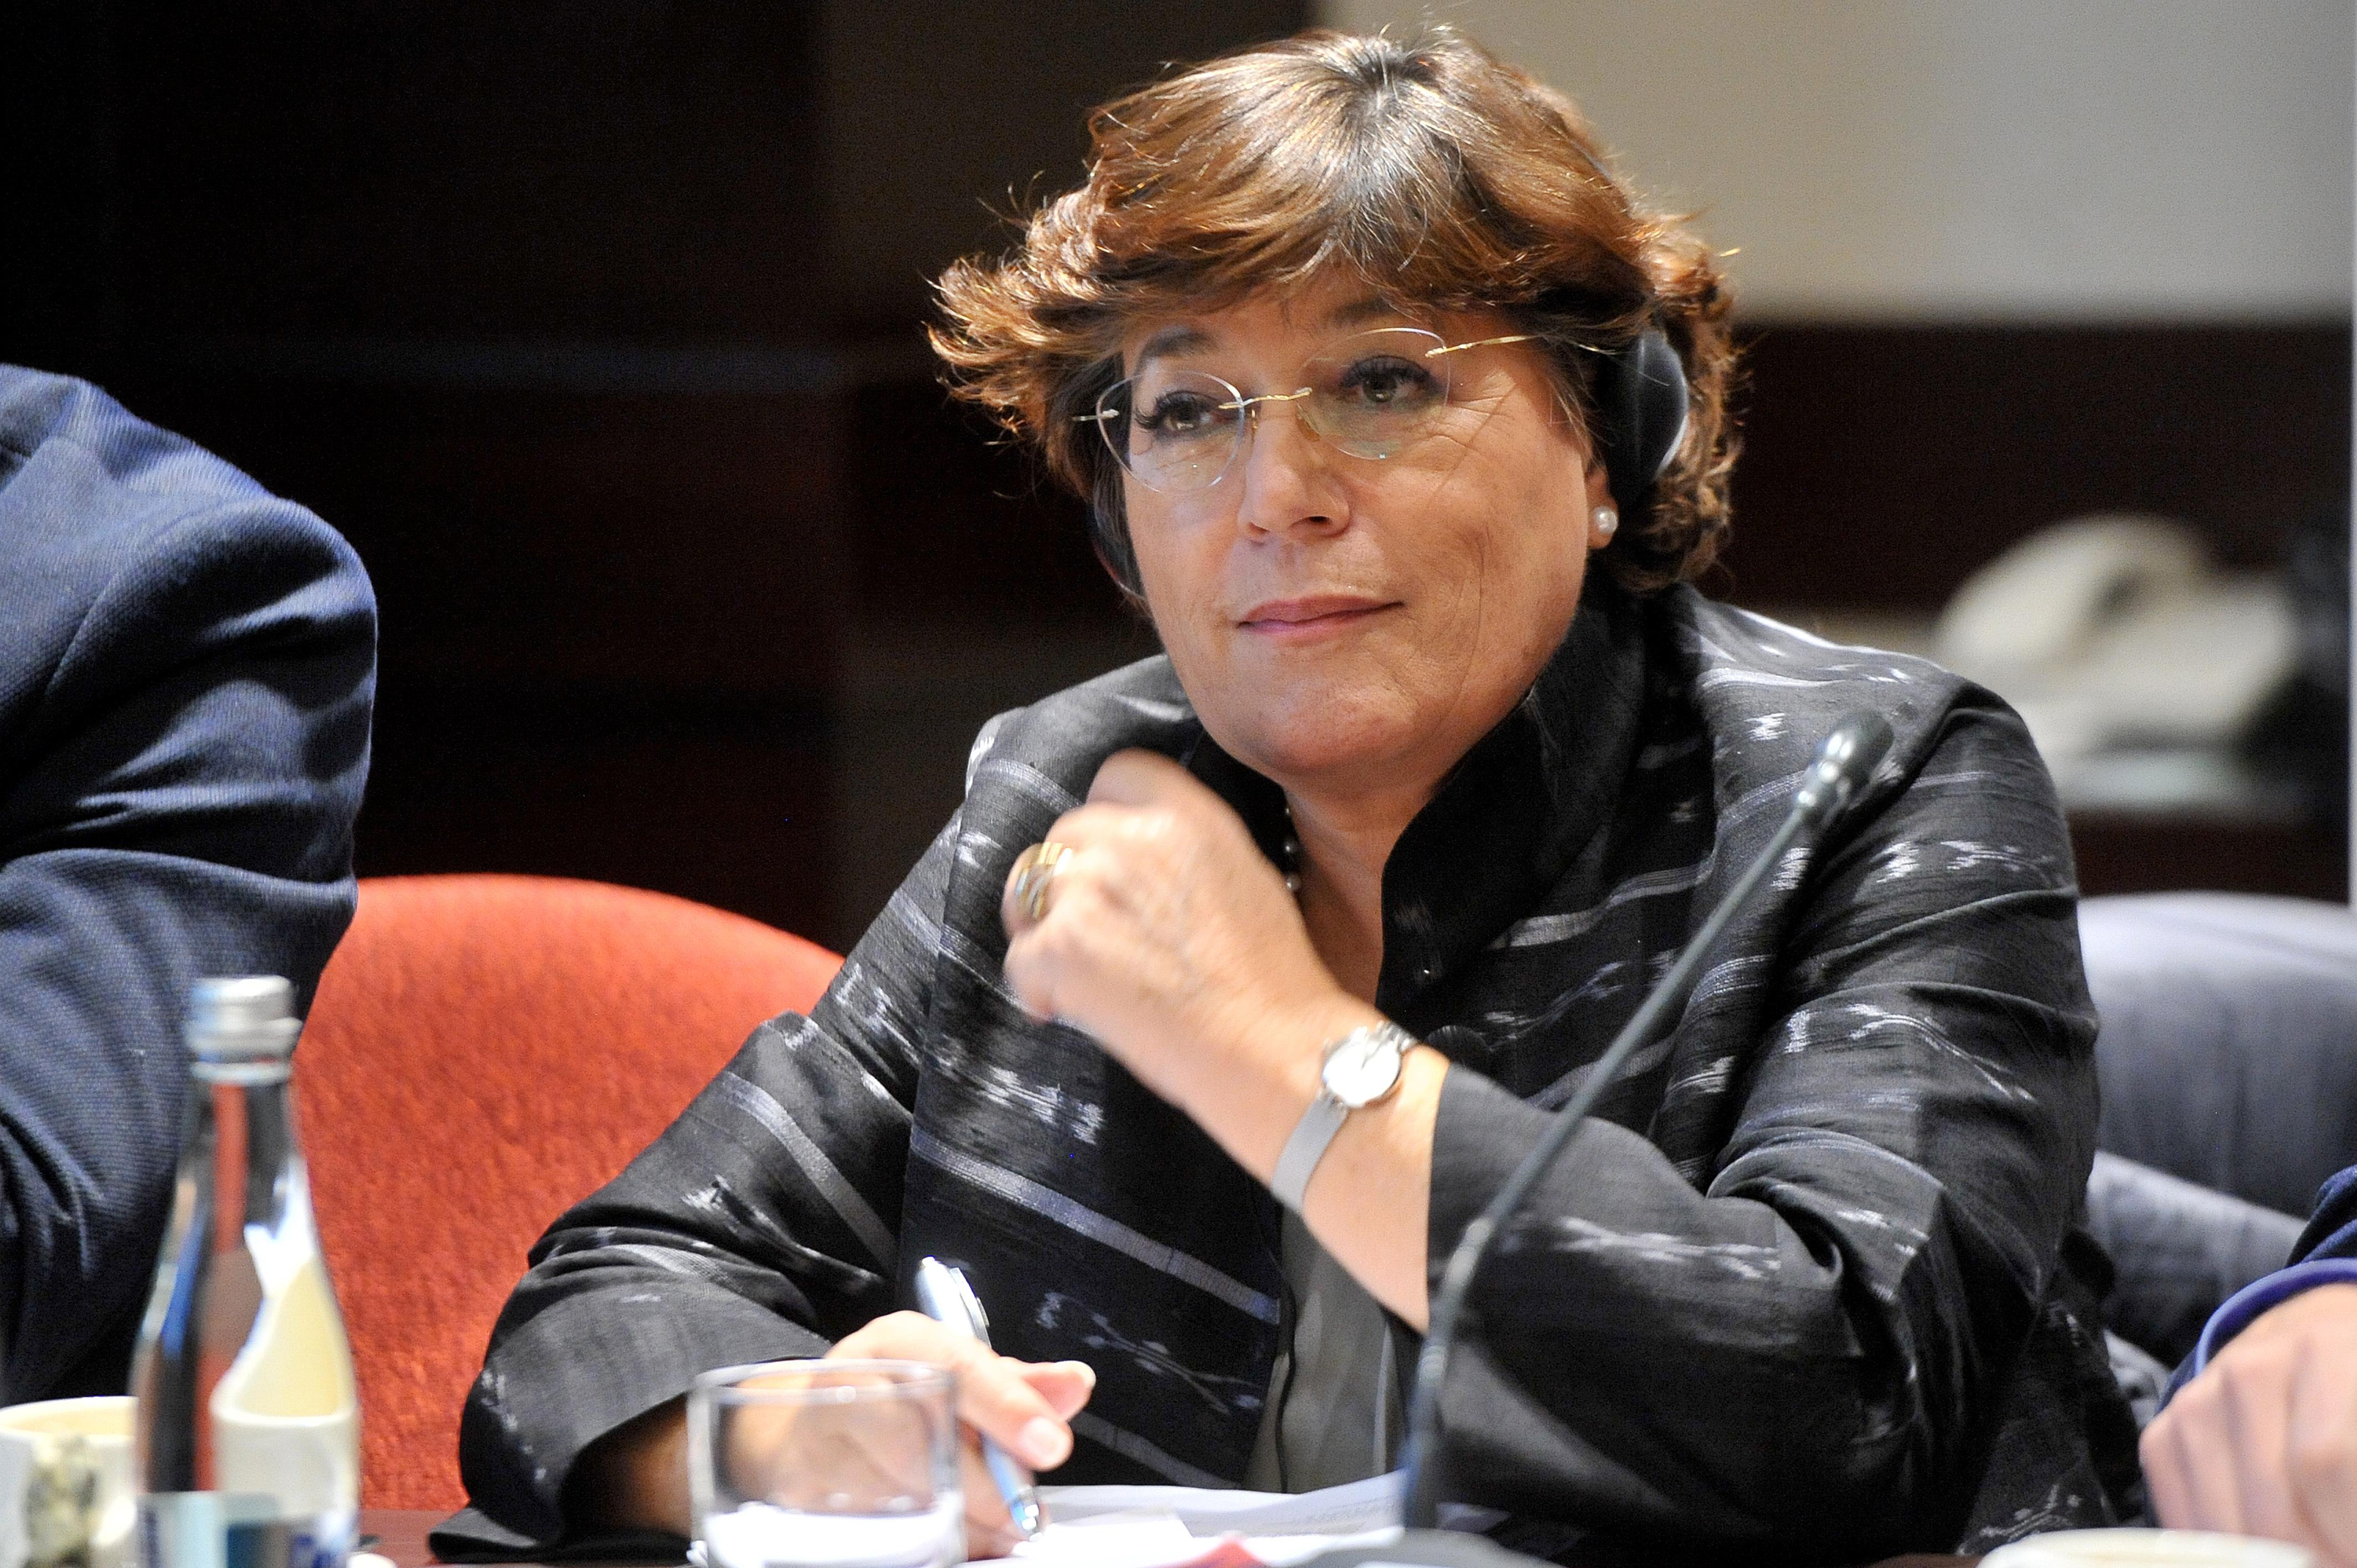 EXCLUSIV | Ana Gomes, pentru MEDIAFAX: Abordarea Guvernului Spaniei riscă să amplifice criza din Catalonia